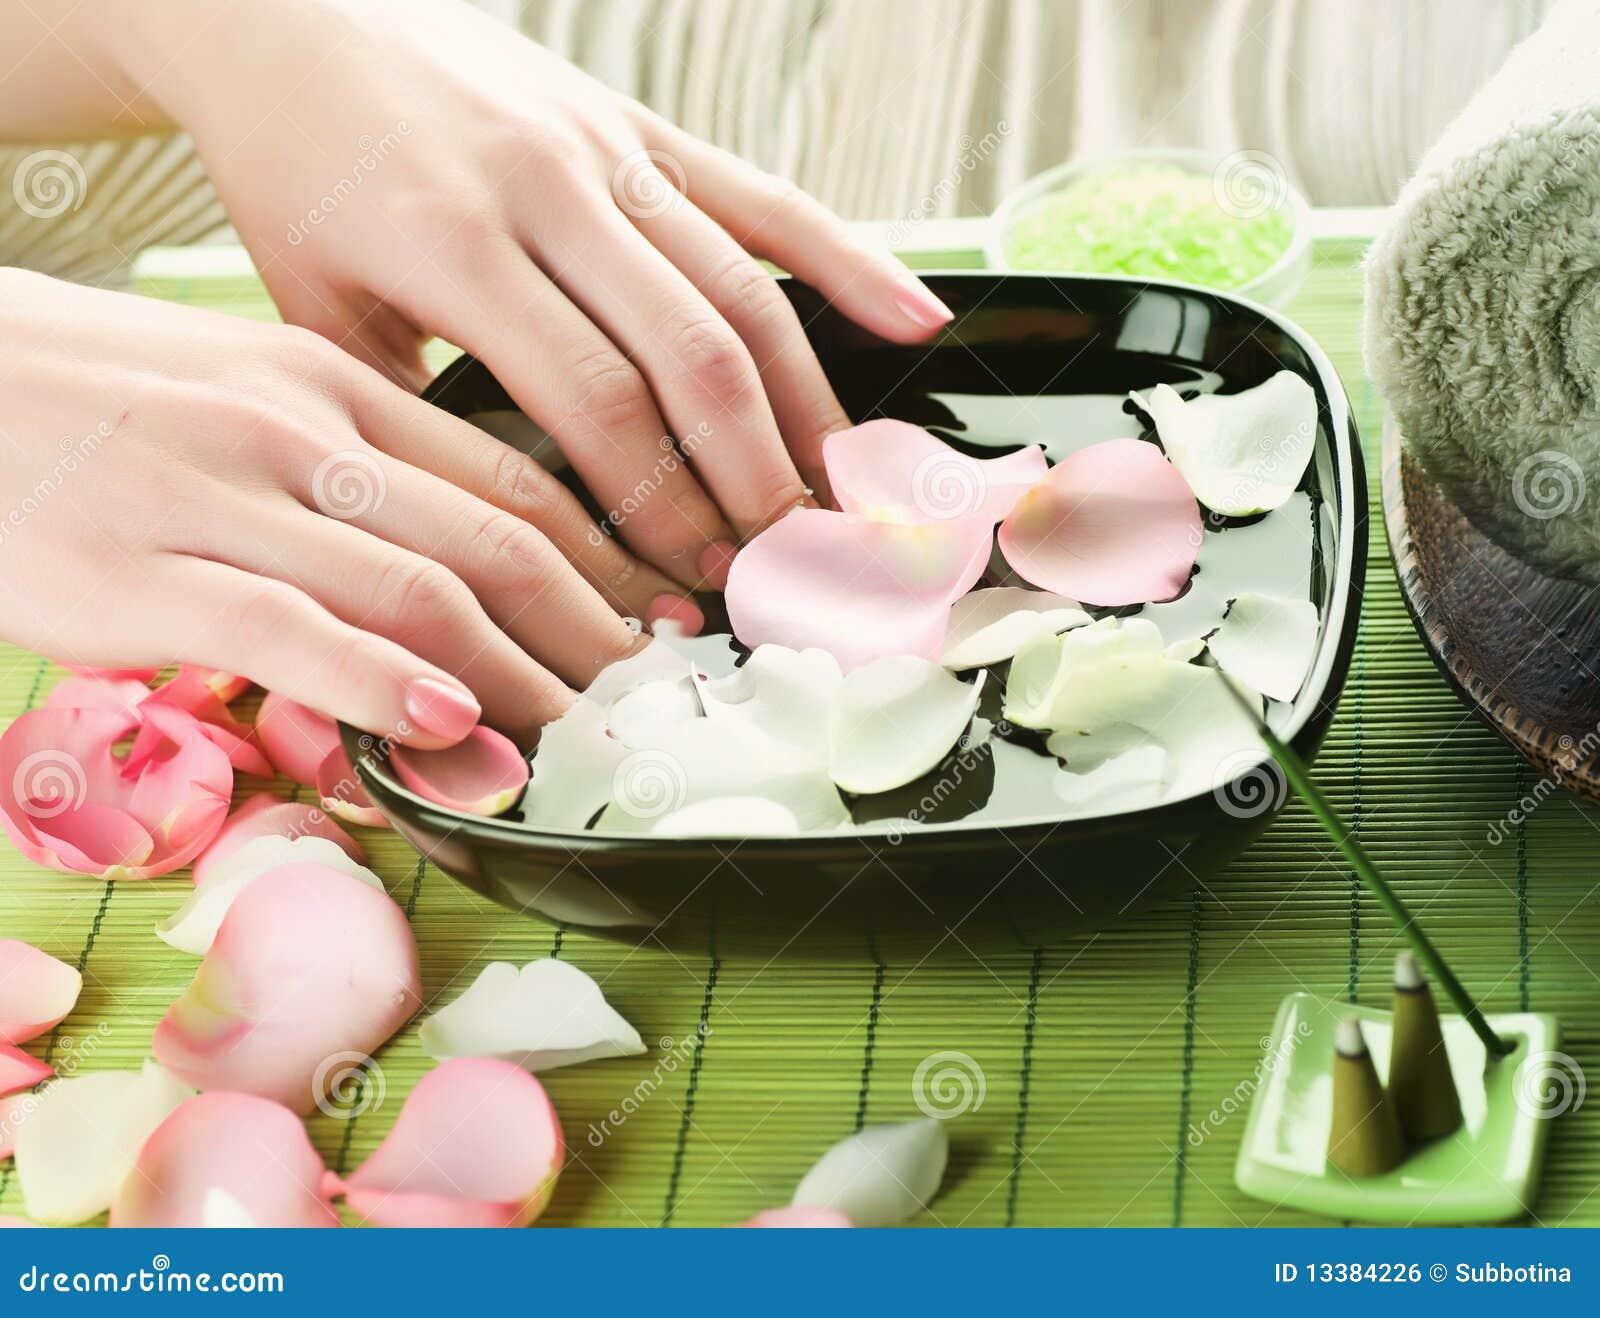 Fresh Salon And Day Spa